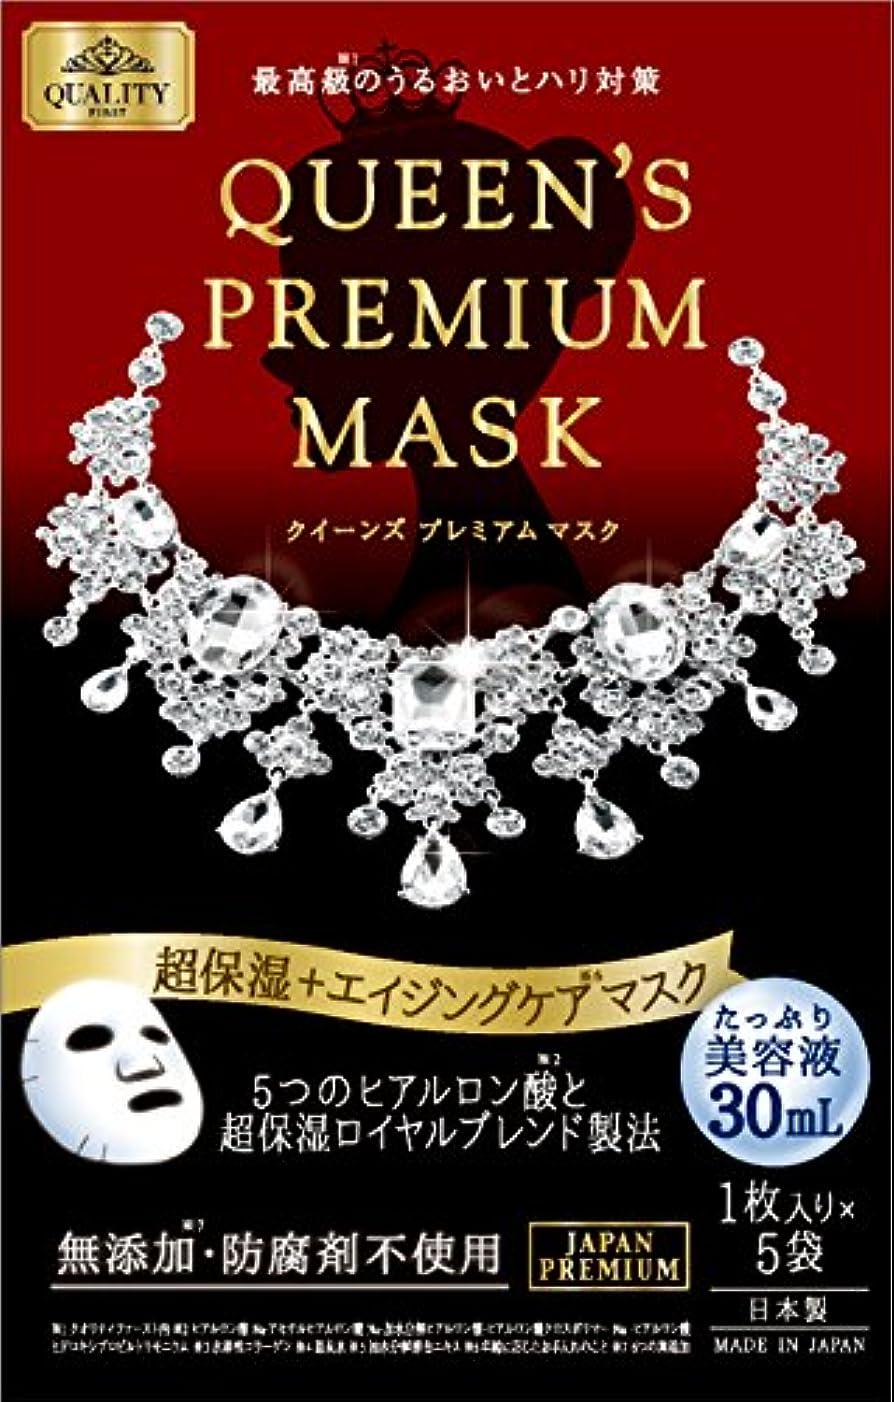 発掘正当化する図書館クイーンズプレミアムマスク 超保湿マスク 5枚入